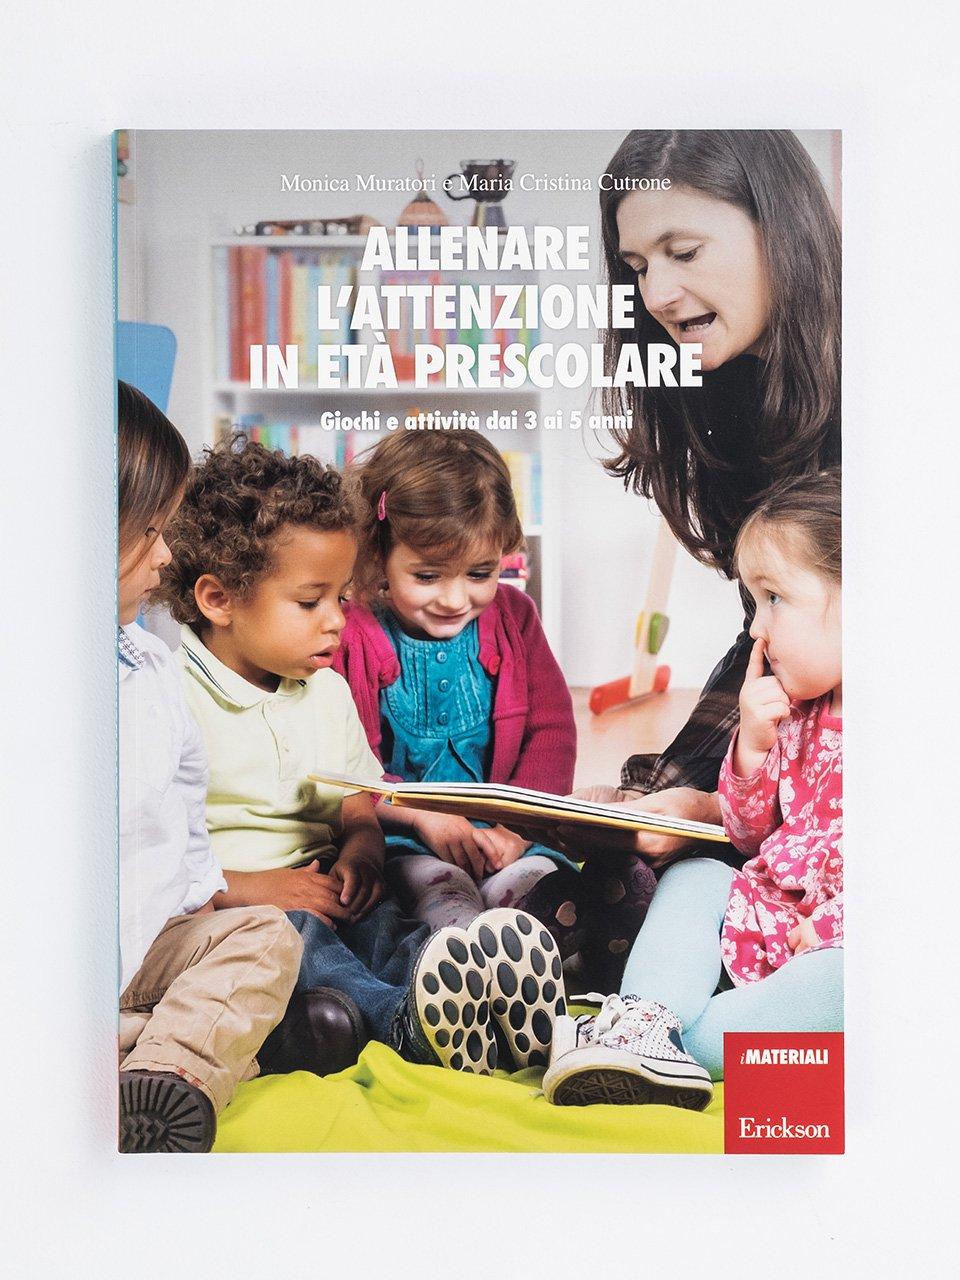 Allenare l'attenzione in età prescolare - Allenare la concentrazione - Volume 2 - Libri - App e software - Erickson